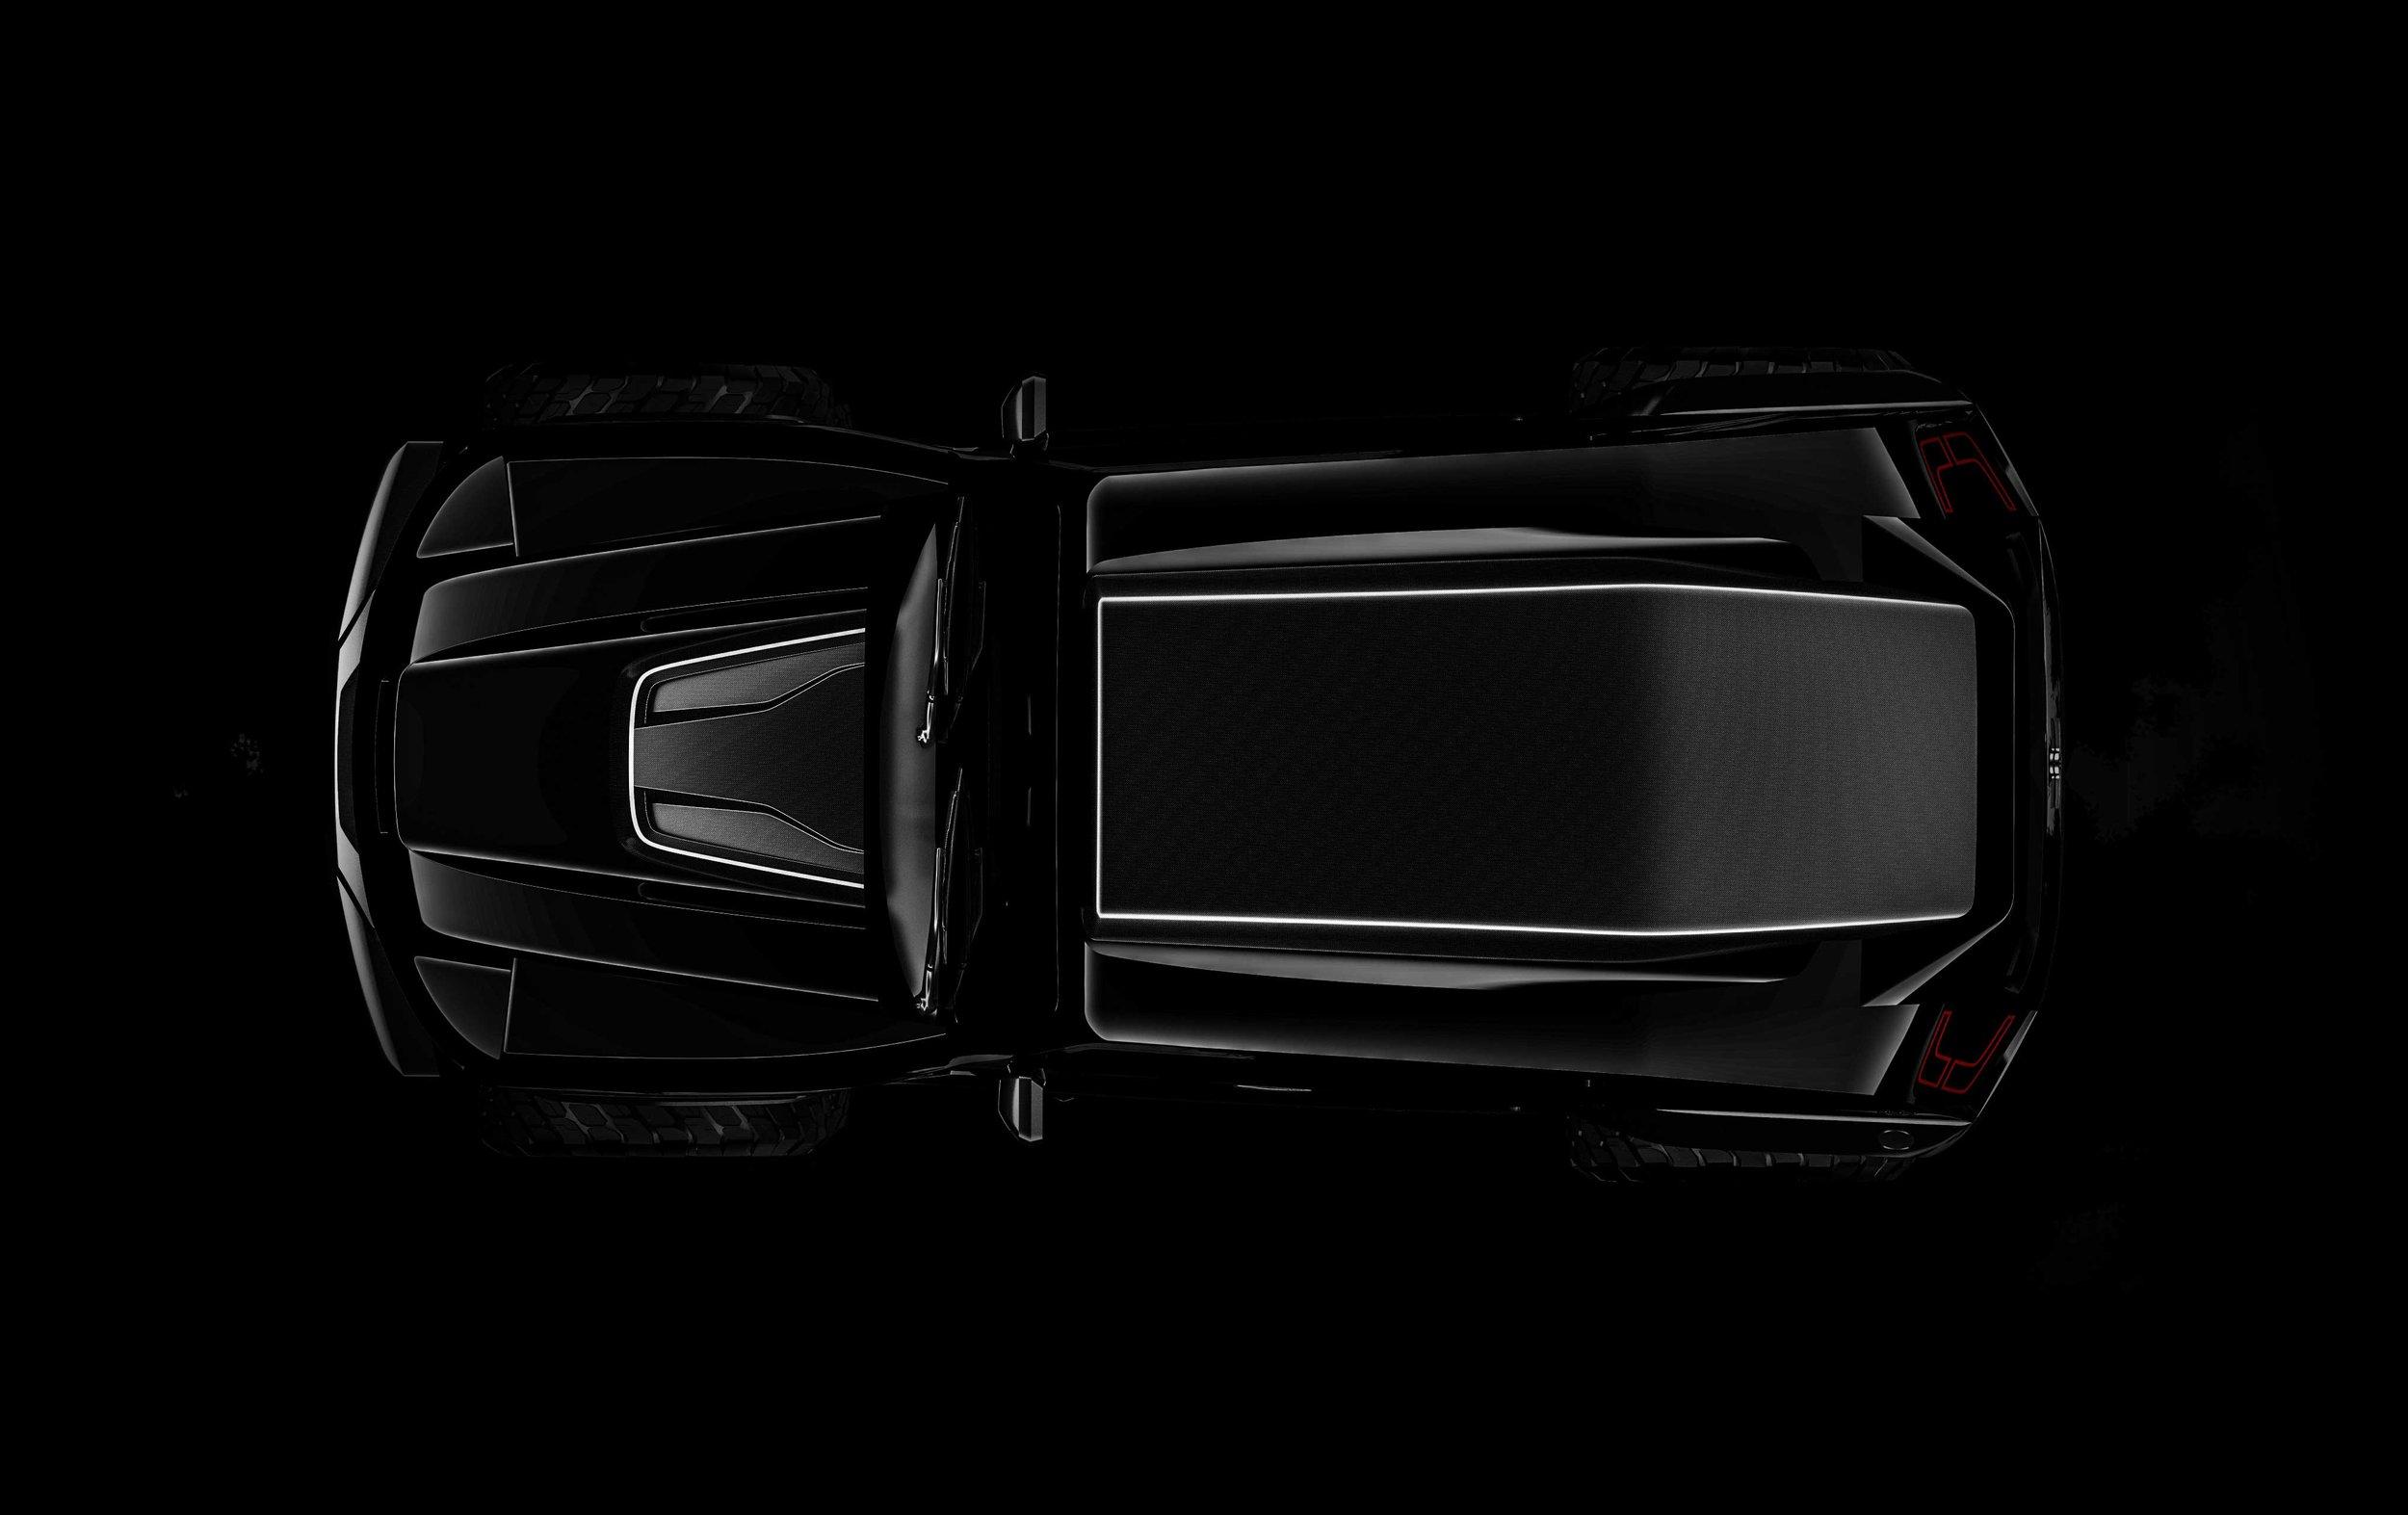 2020-Tank-teaser-3.jpg